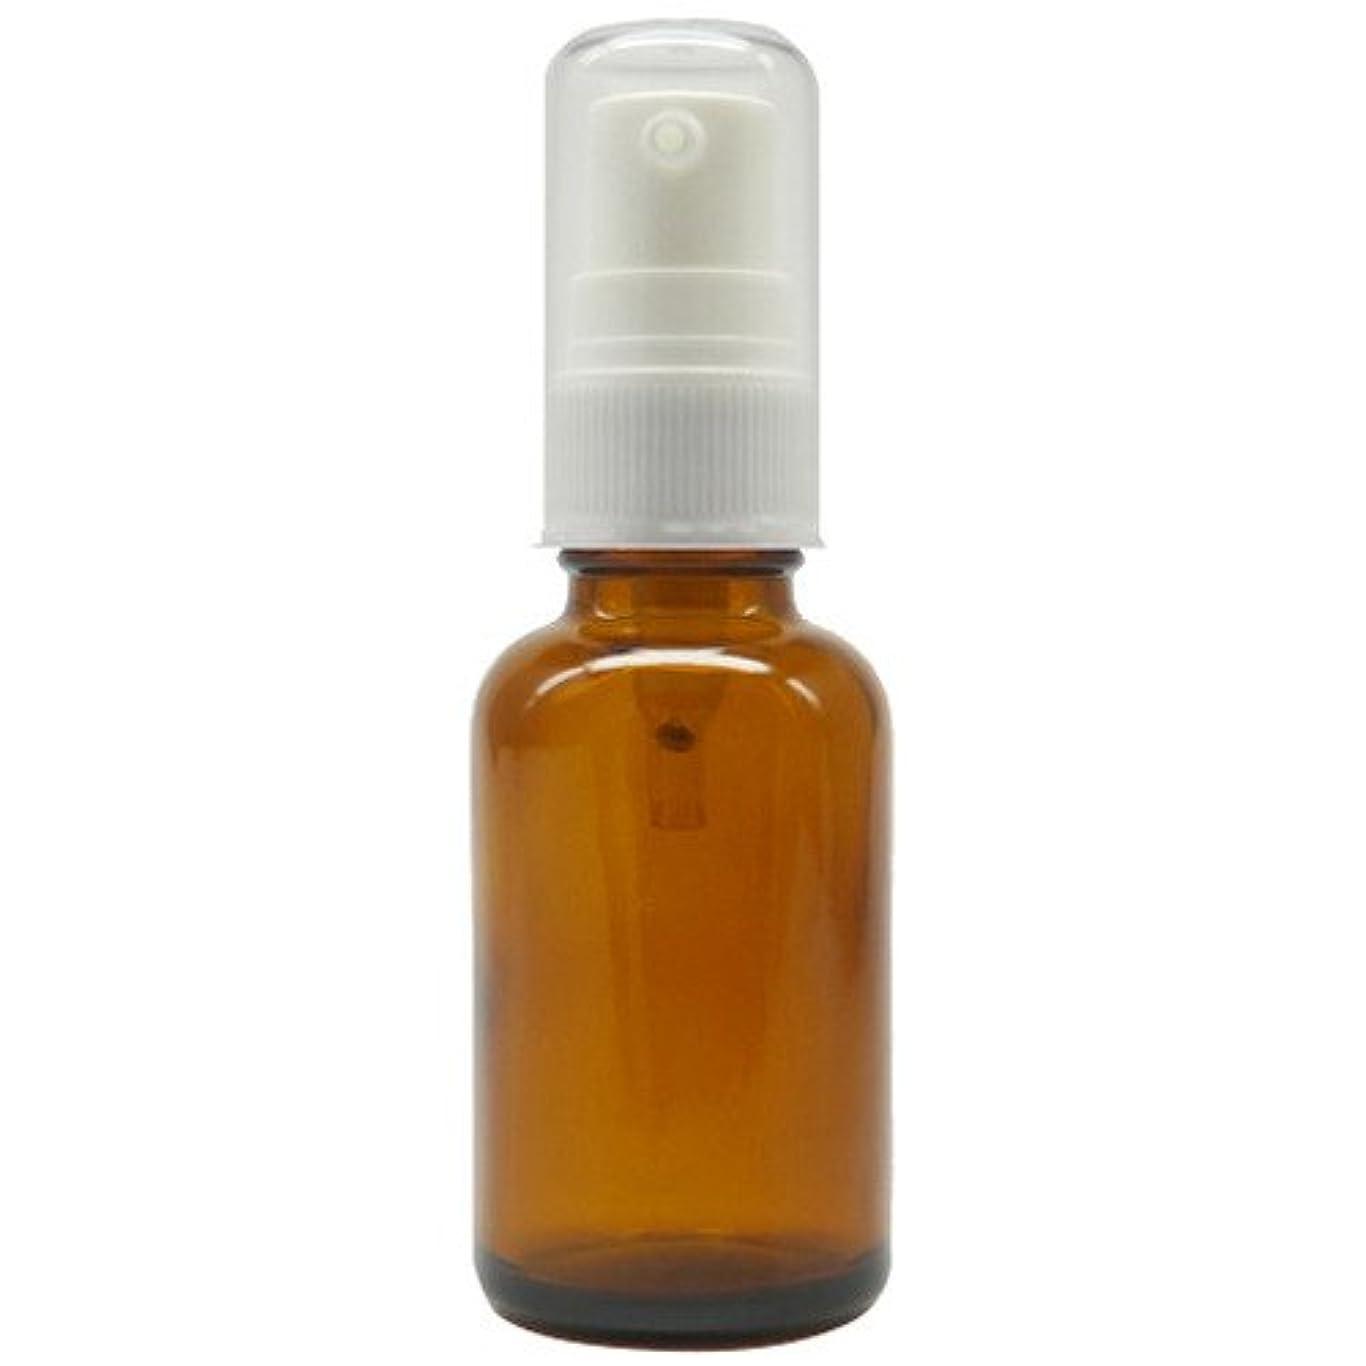 苦情文句机科学者アロマアンドライフ (D)茶褐色ポンプ瓶30ml 3本セット